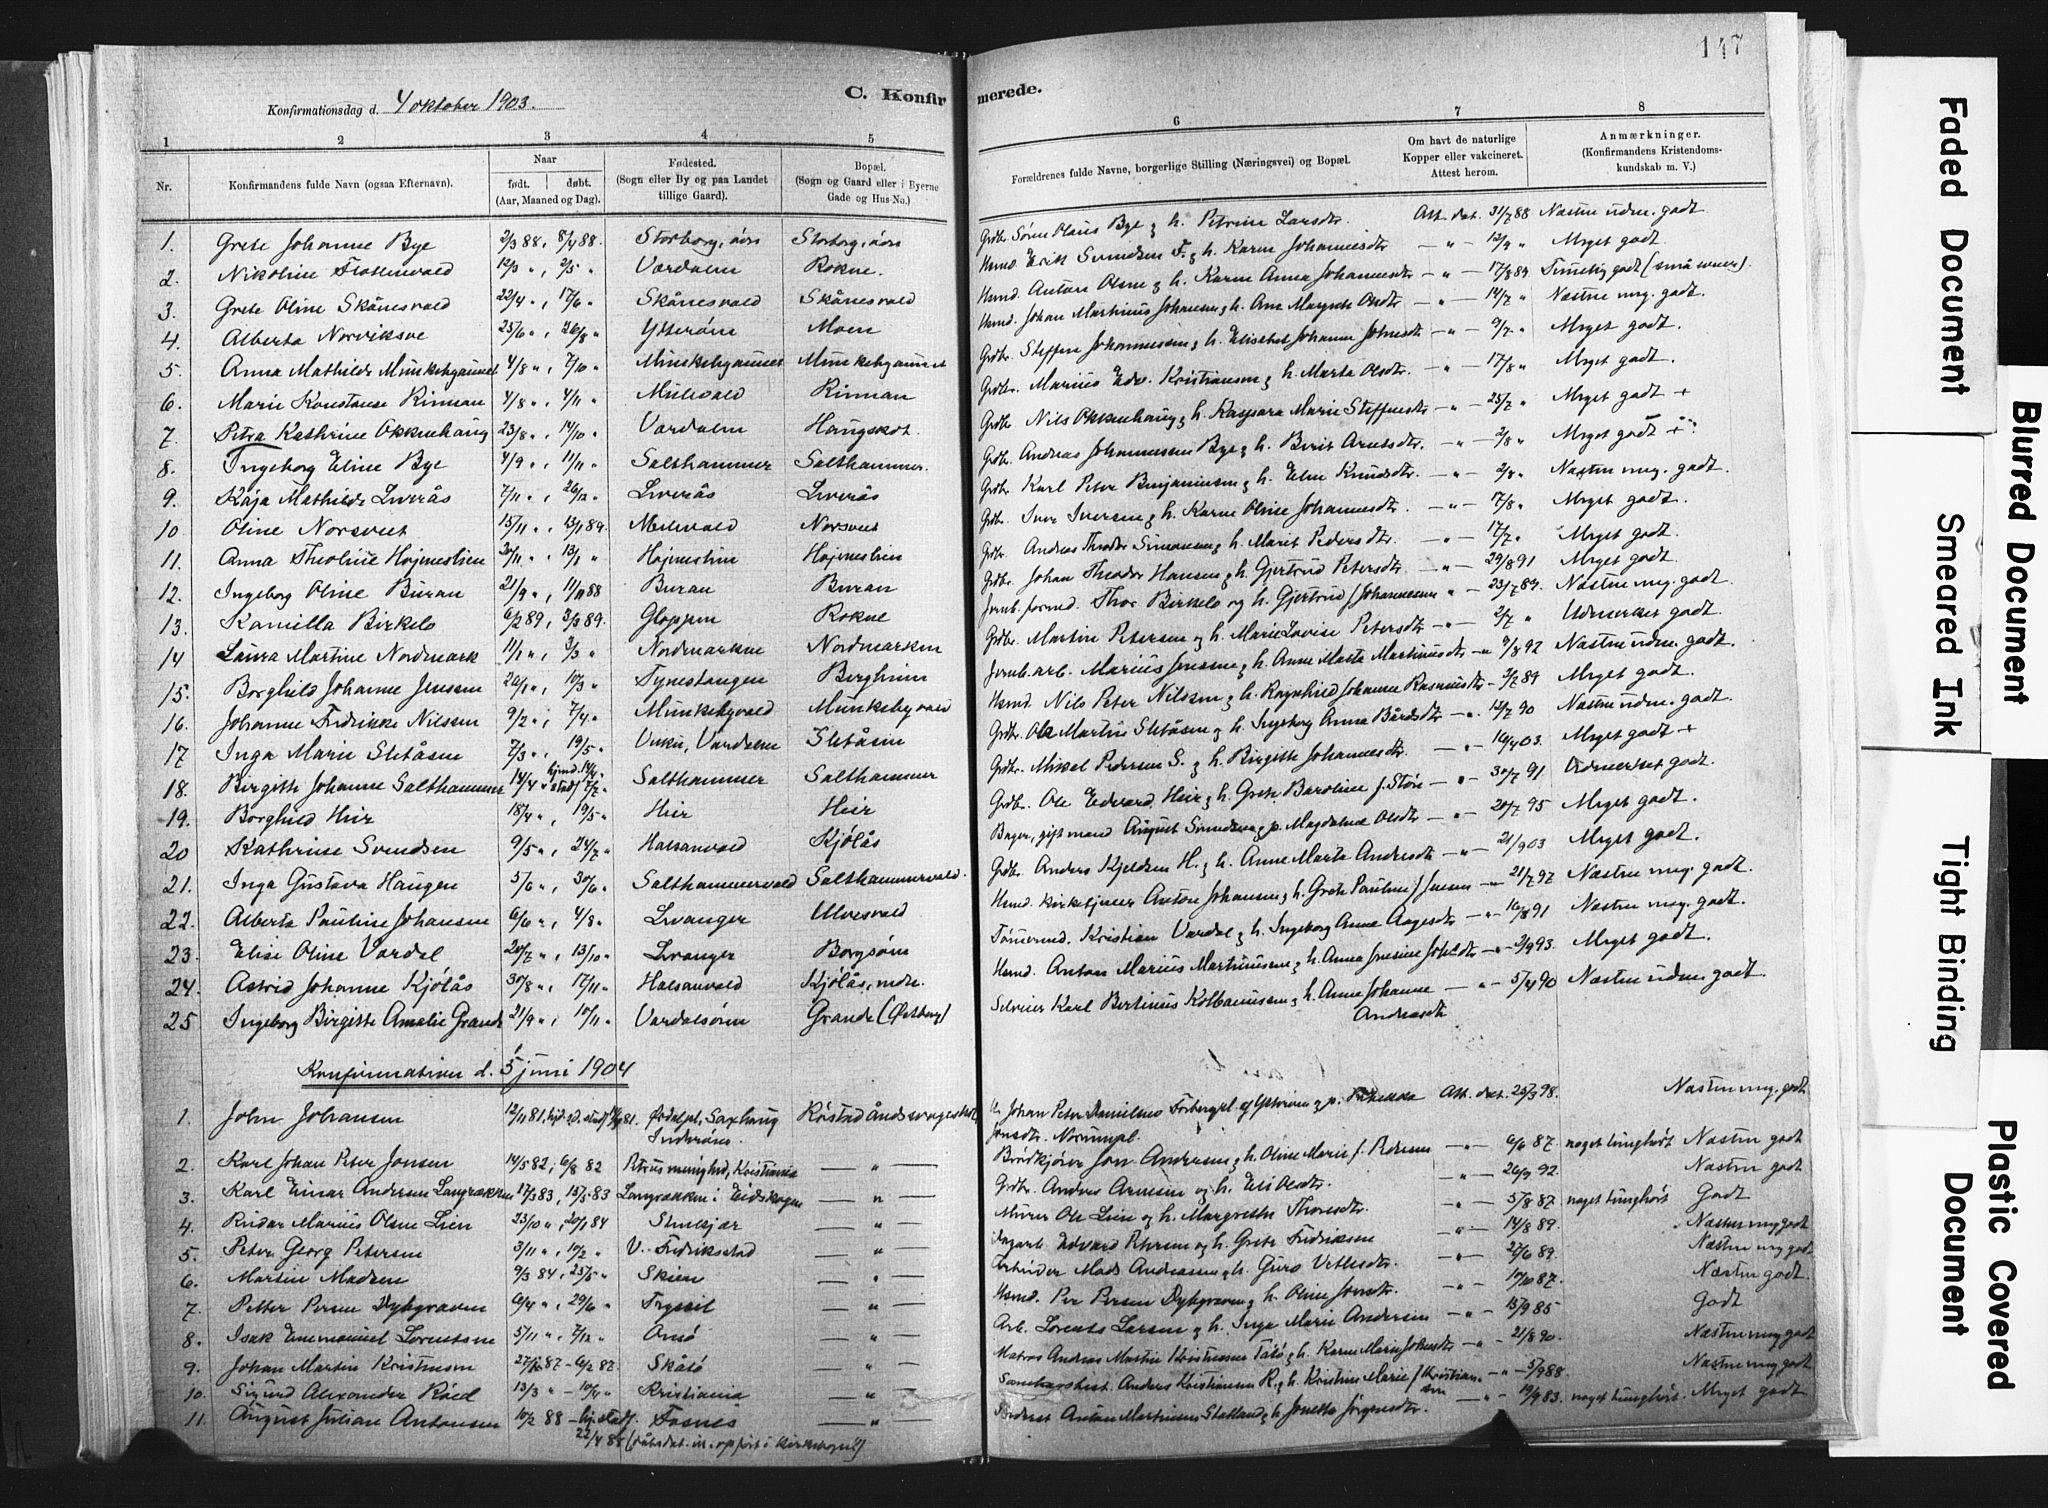 SAT, Ministerialprotokoller, klokkerbøker og fødselsregistre - Nord-Trøndelag, 721/L0207: Ministerialbok nr. 721A02, 1880-1911, s. 147